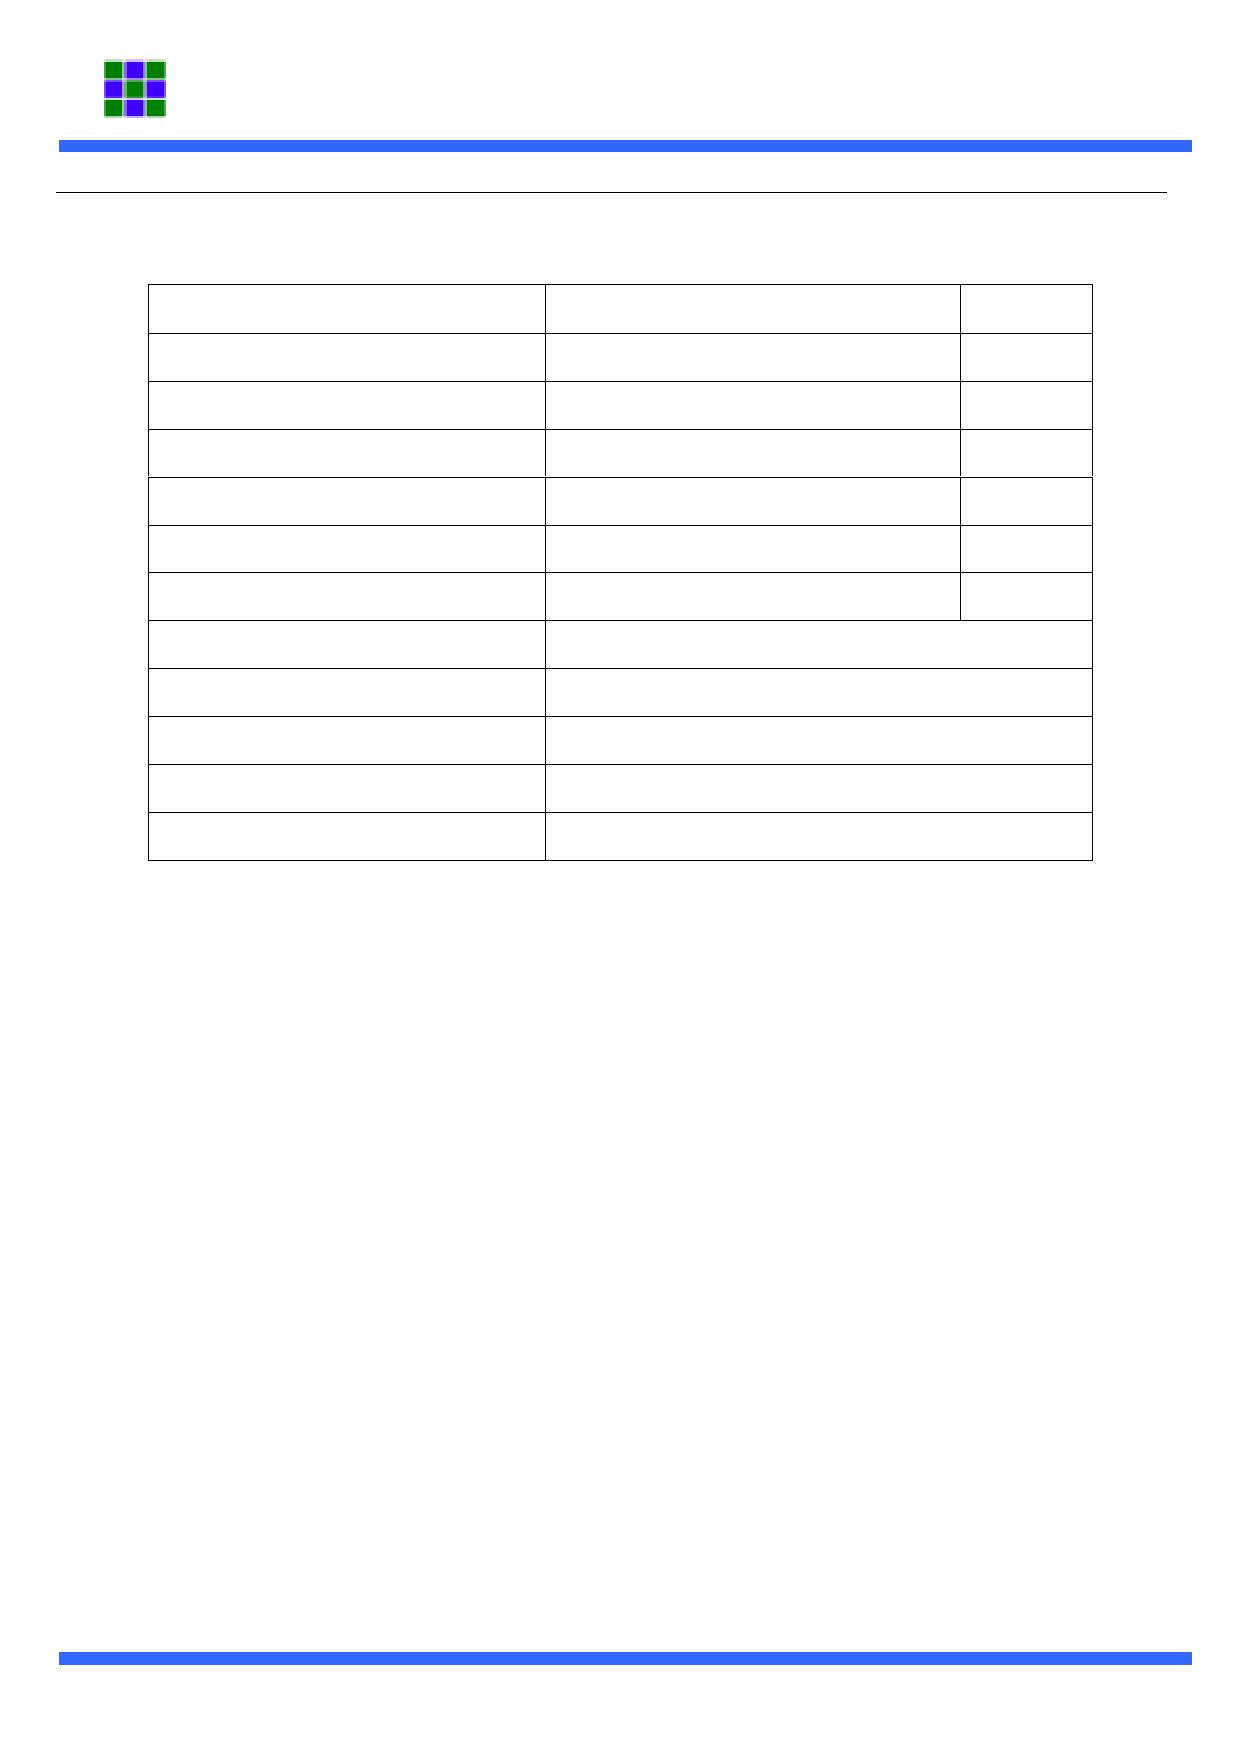 PE12864LRS-004-H pdf, 반도체, 판매, 대치품